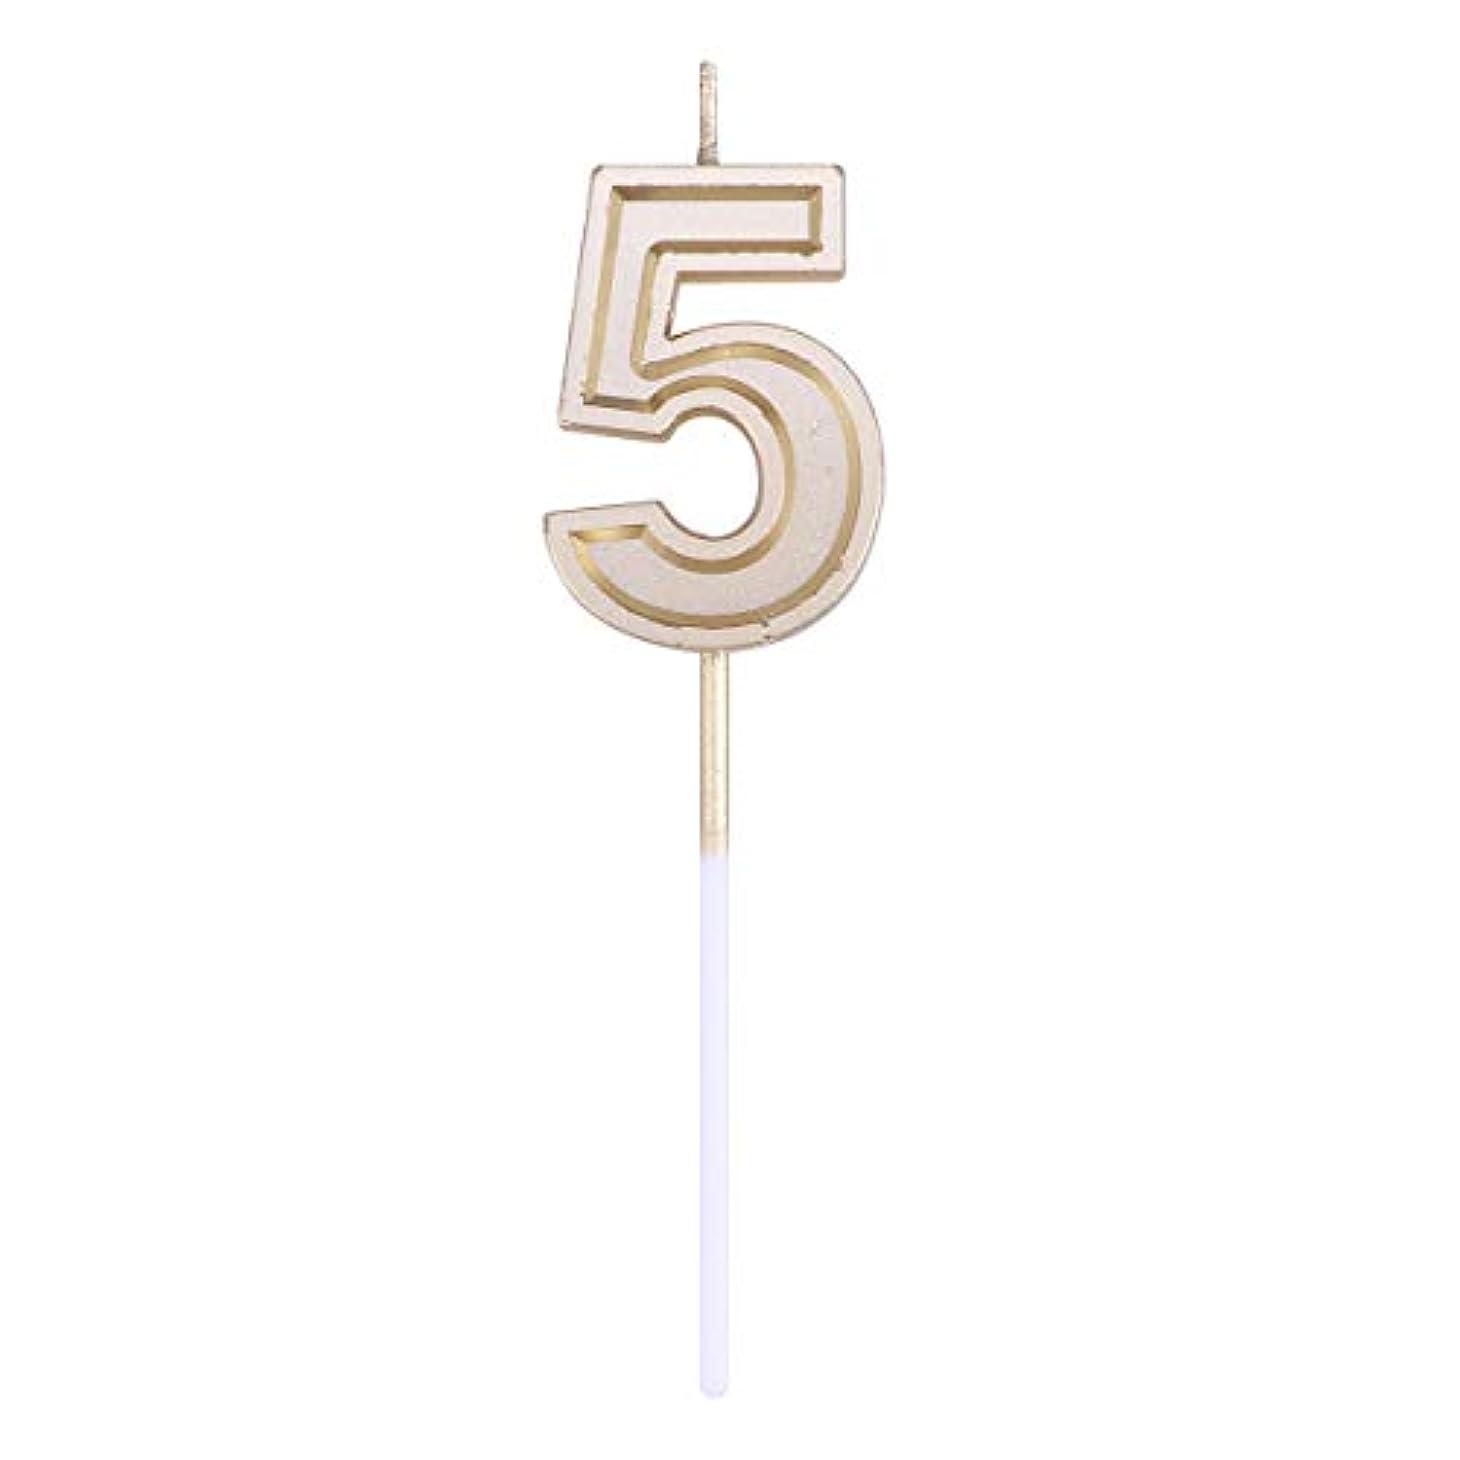 起きるできない商人Toyvian ゴールドラメ誕生日おめでとう数字キャンドル番号キャンドルケーキトッパー装飾用大人キッズパーティー(5)